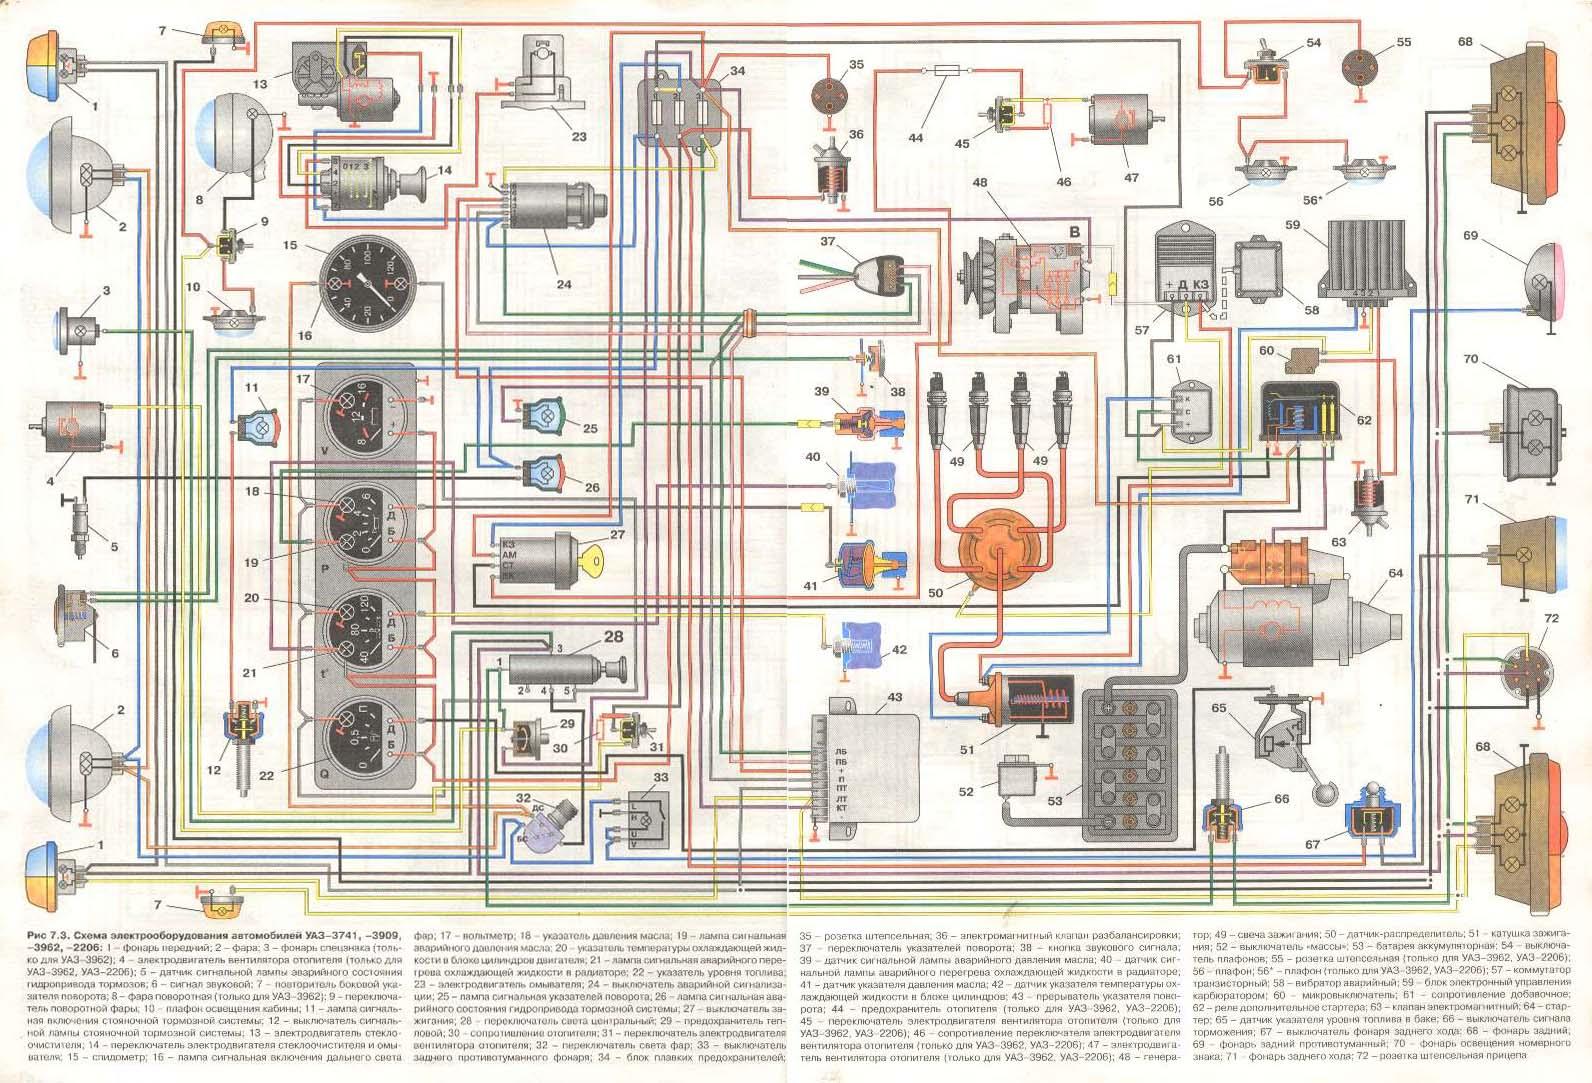 Персональный сайт схема электрооборудования уаз 3741 3909 3962